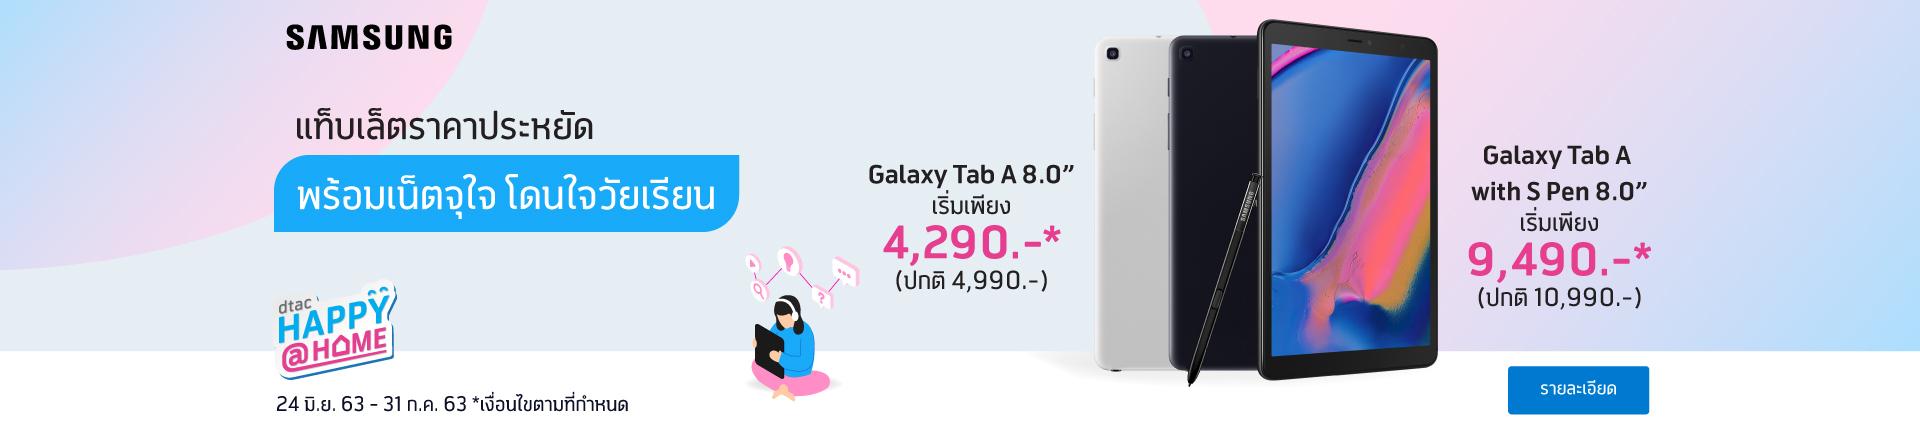 Samsung Galaxt Tab A